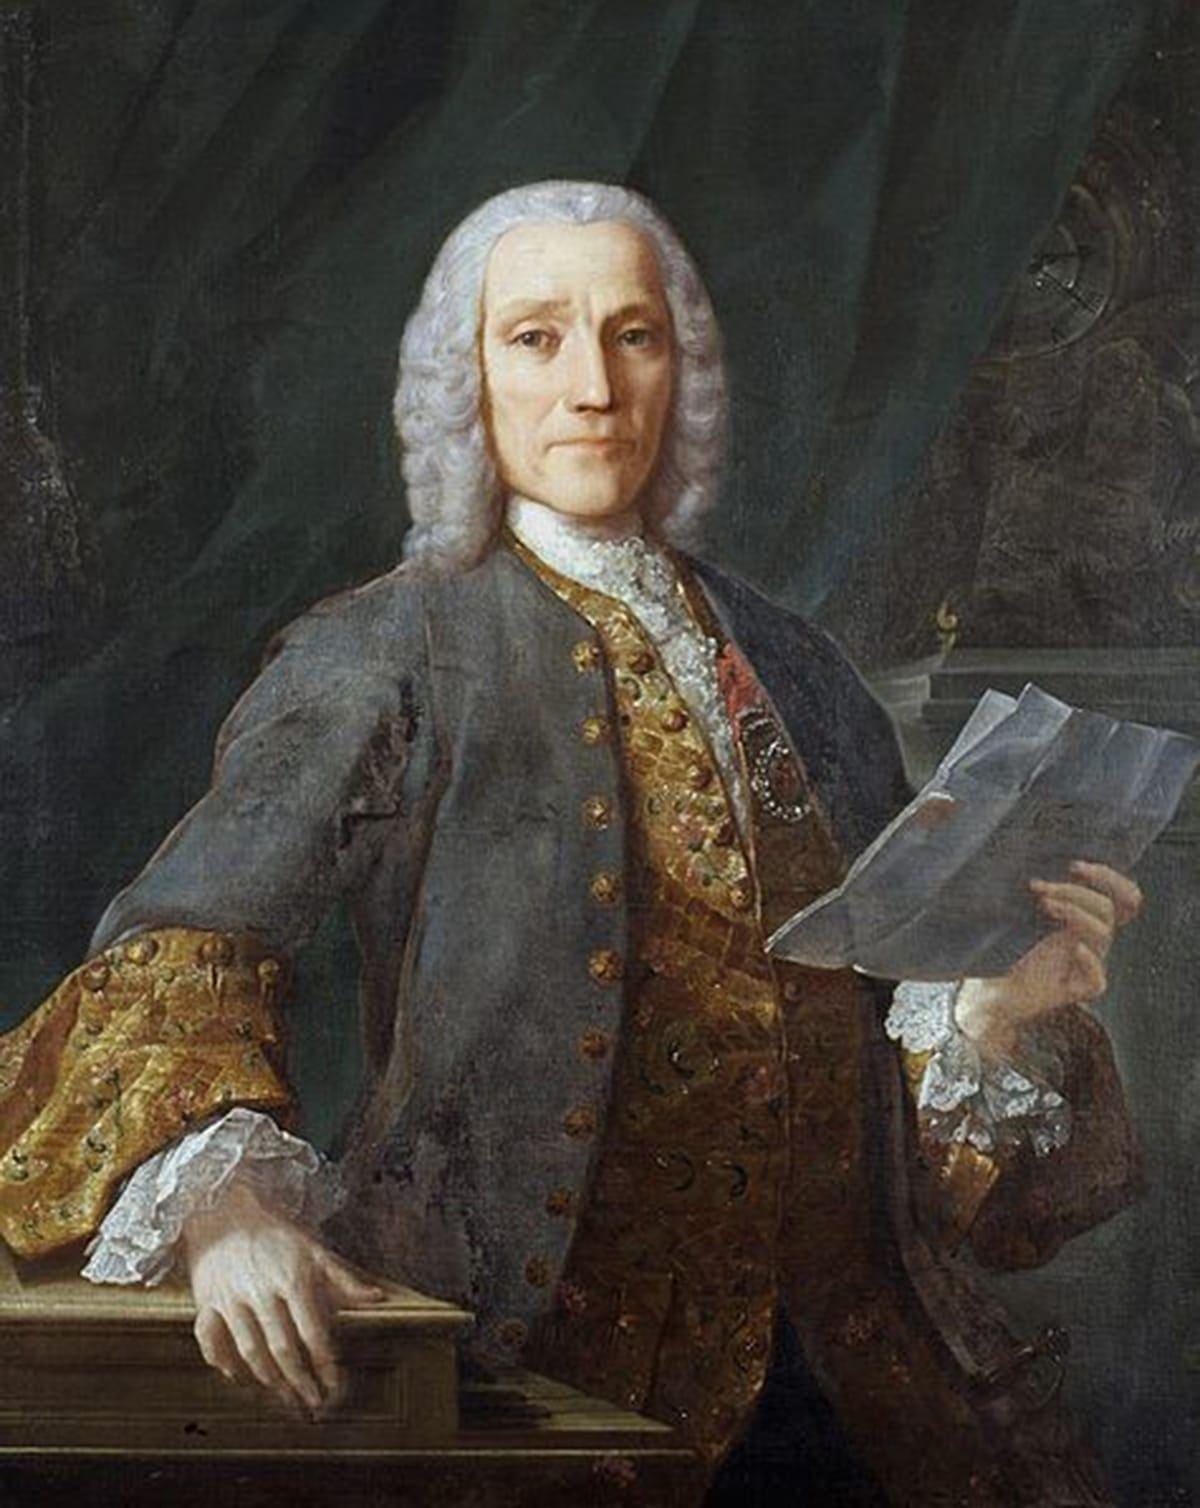 Портрет Доменико Скарлатти работы Антонио Веласко,1738